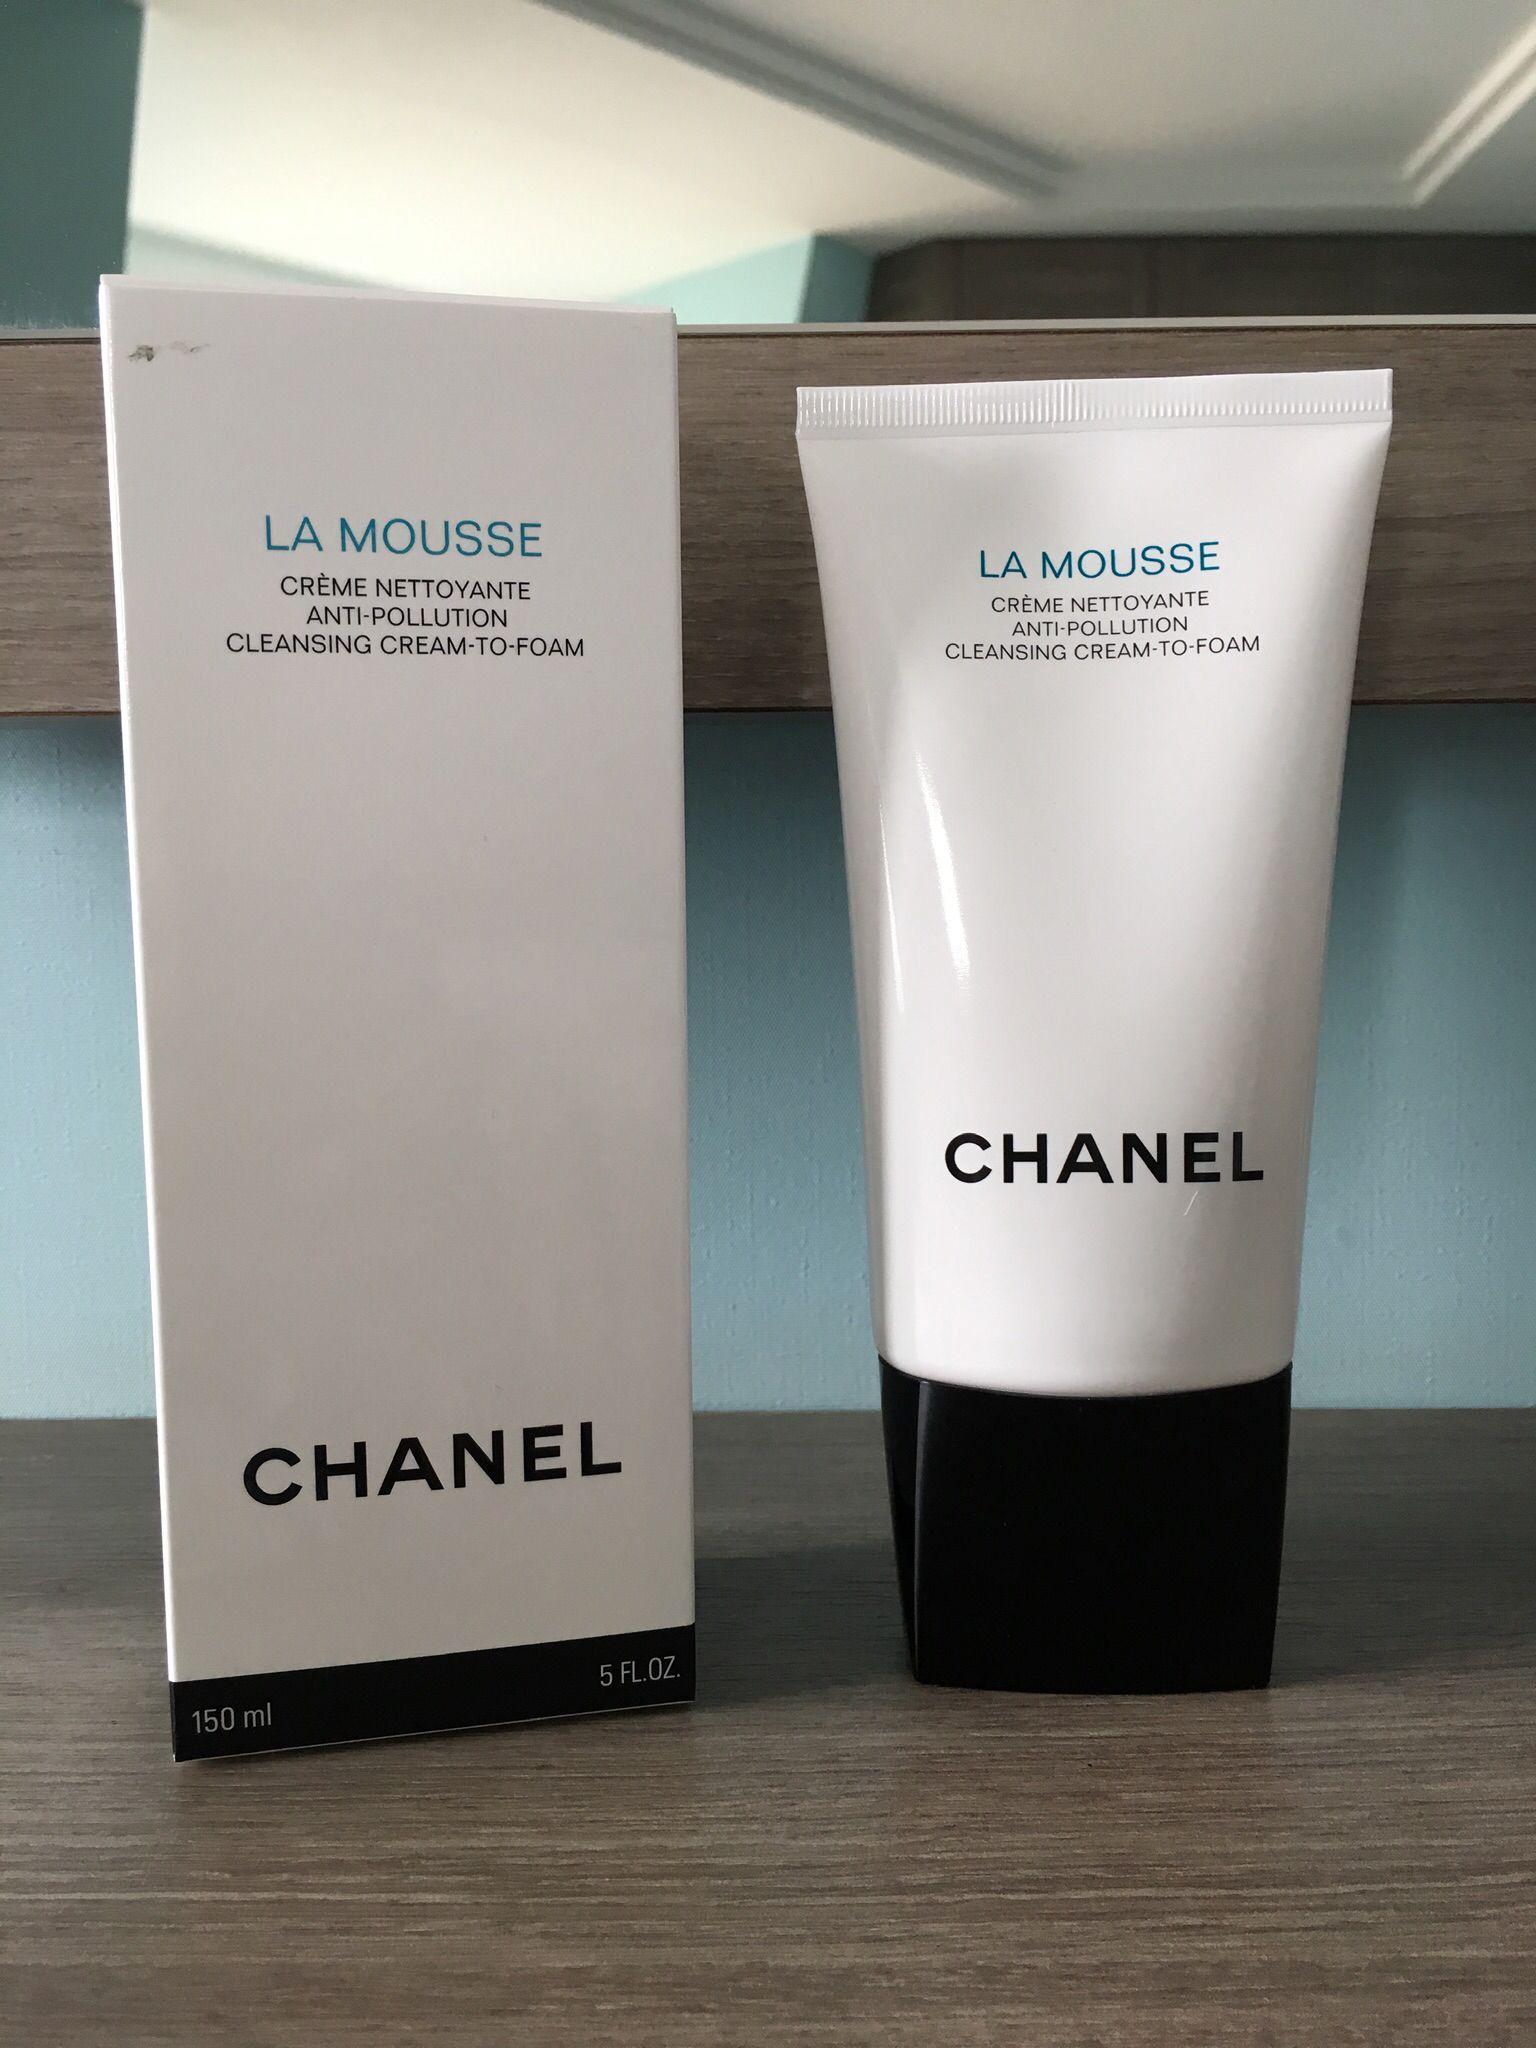 Chanel La Mousse Crème Nettoyante Anti-pollution 150 ML